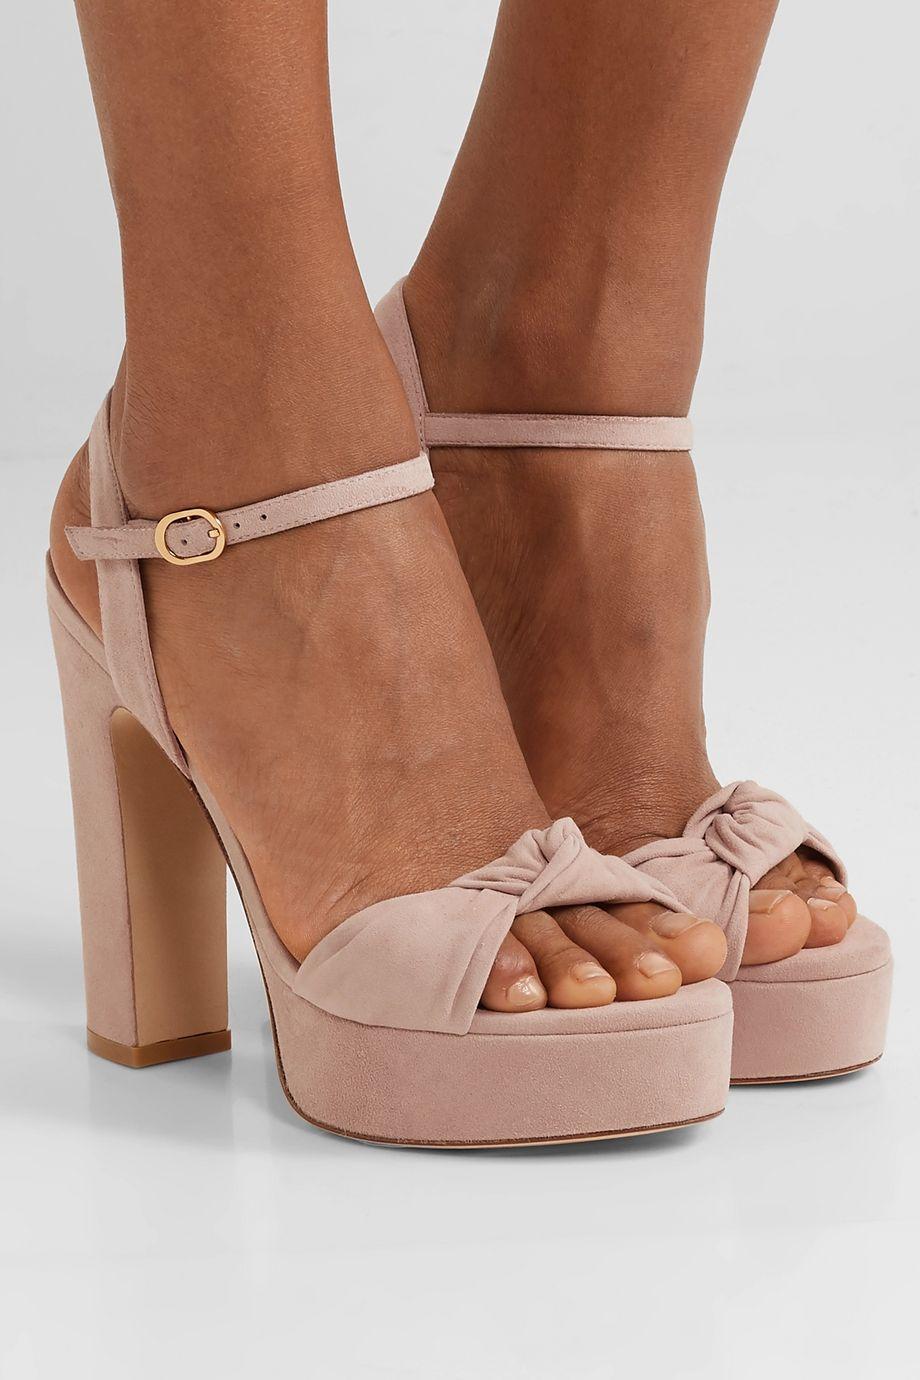 Stuart Weitzman Mirri knotted suede platform sandals